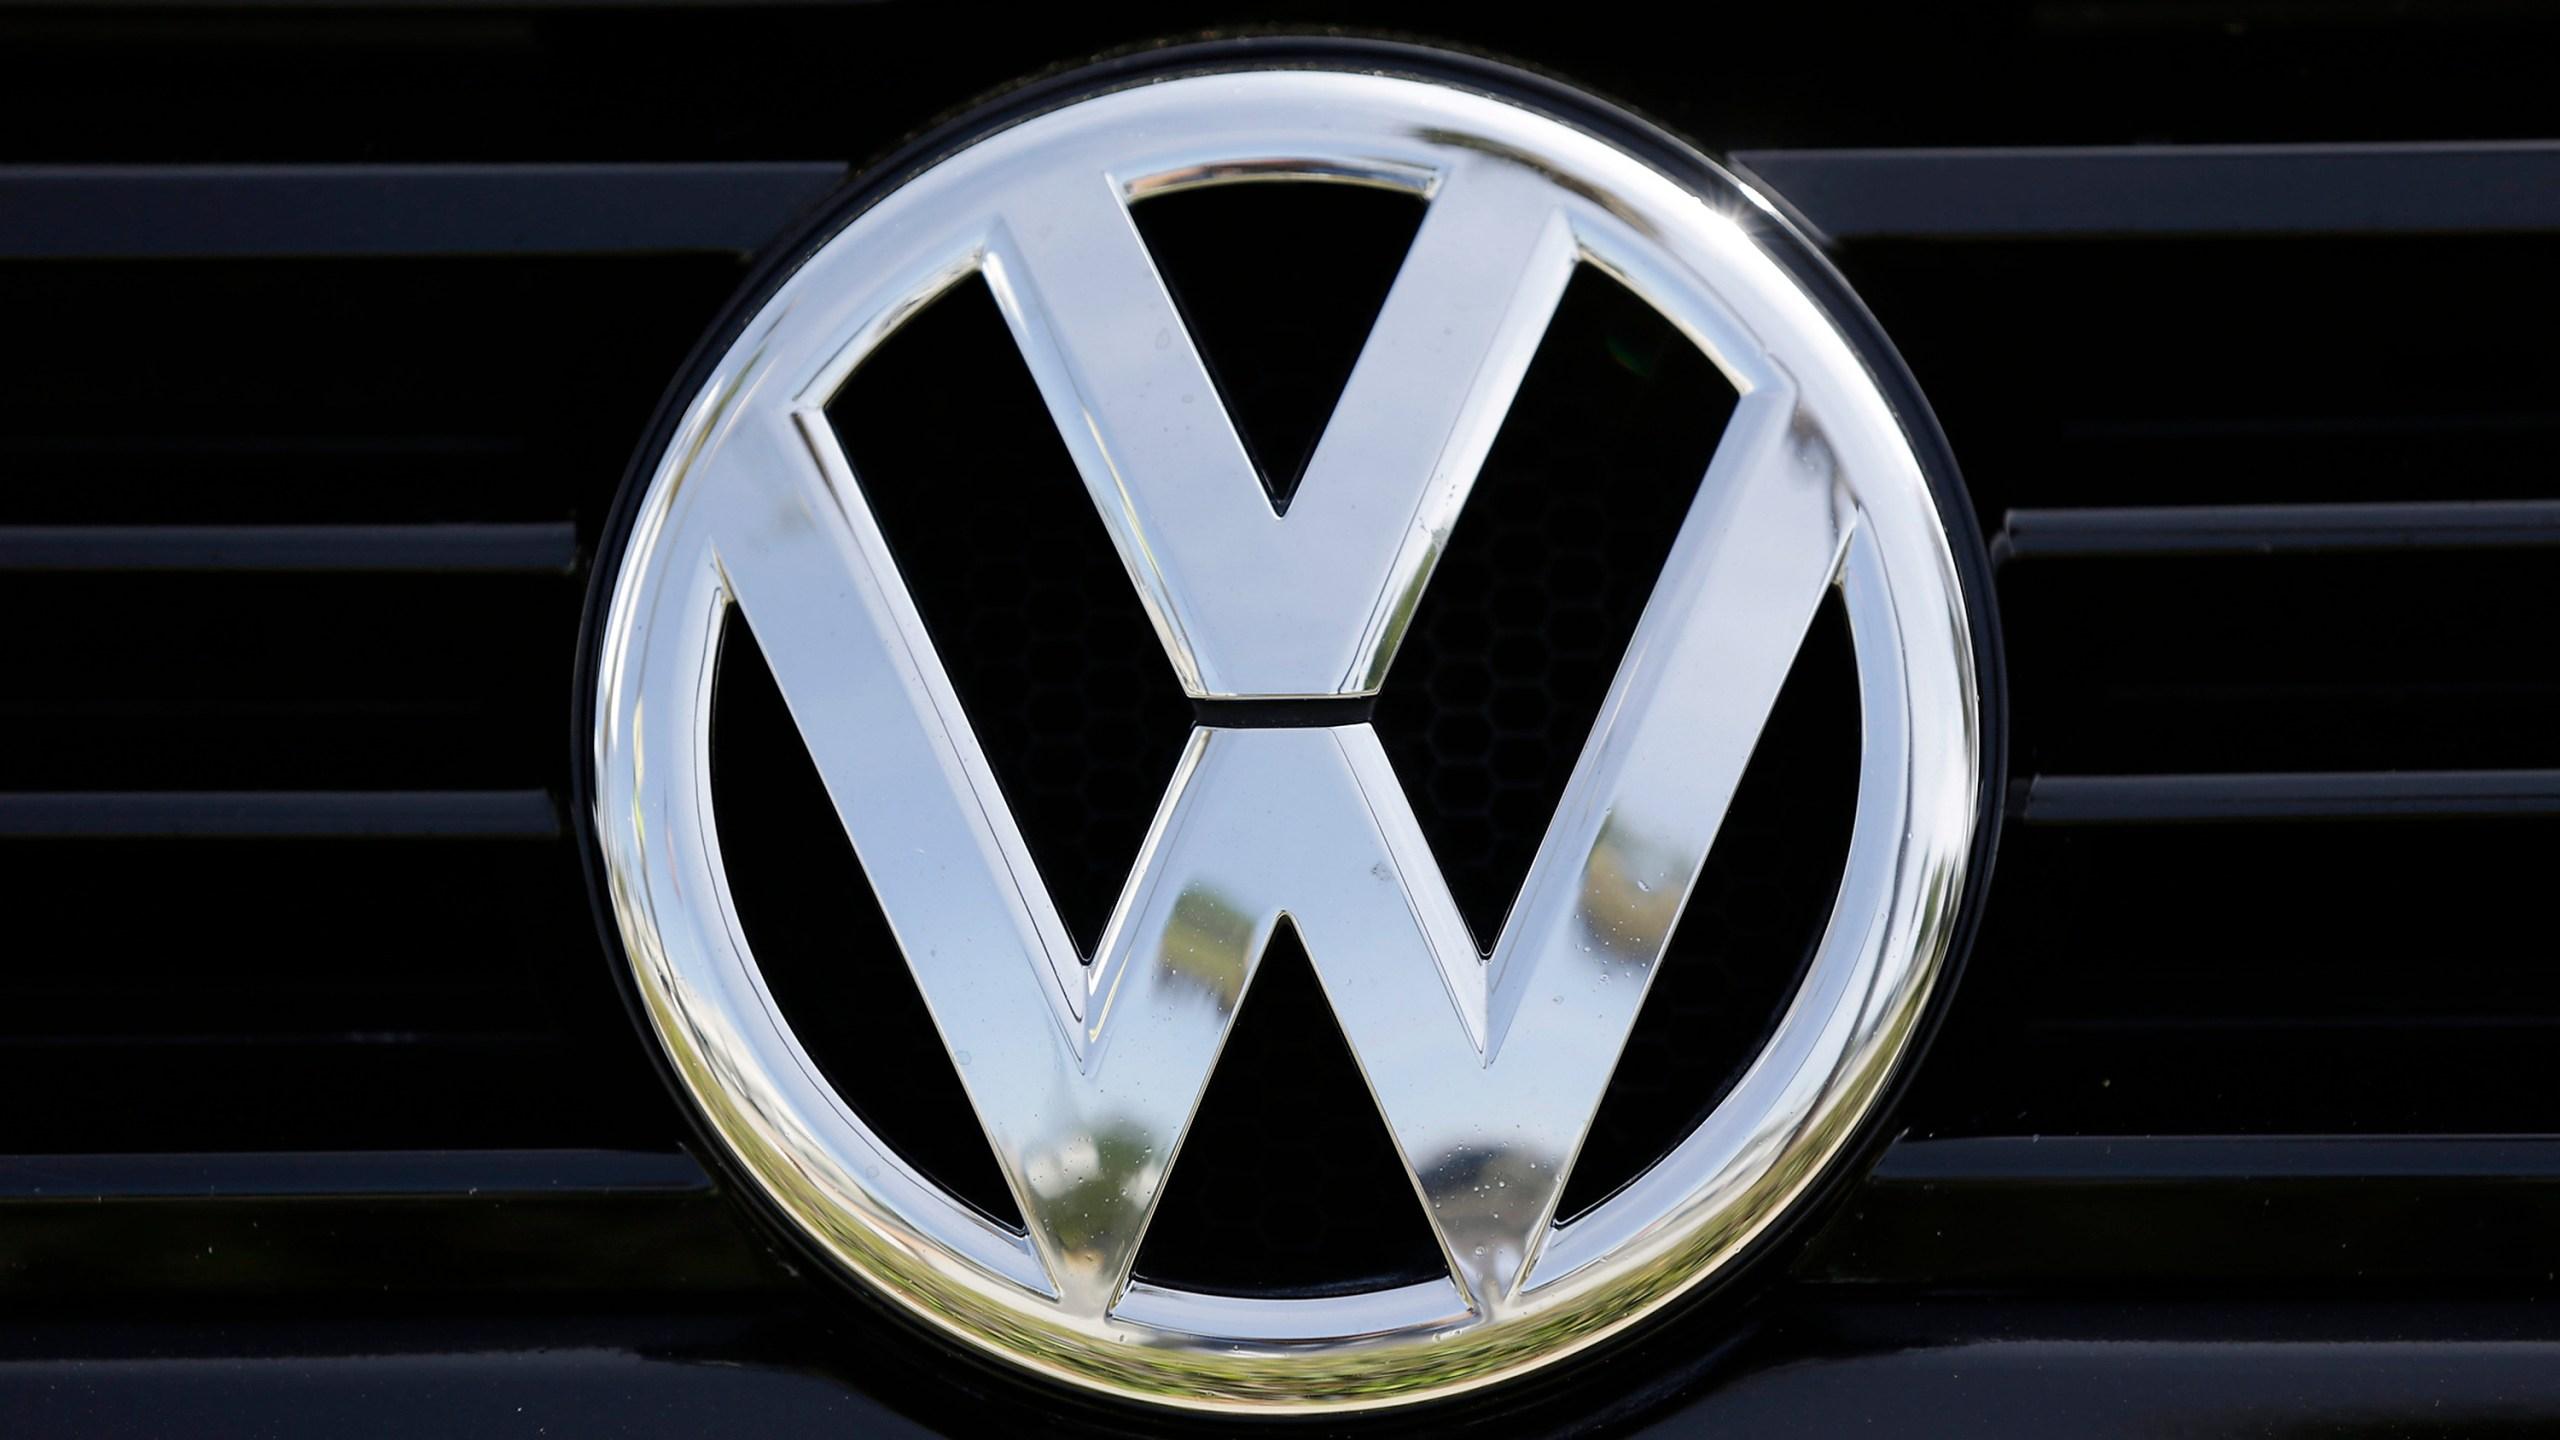 Volkswagen-Emissions_Scandal_67262-159532.jpg91685272